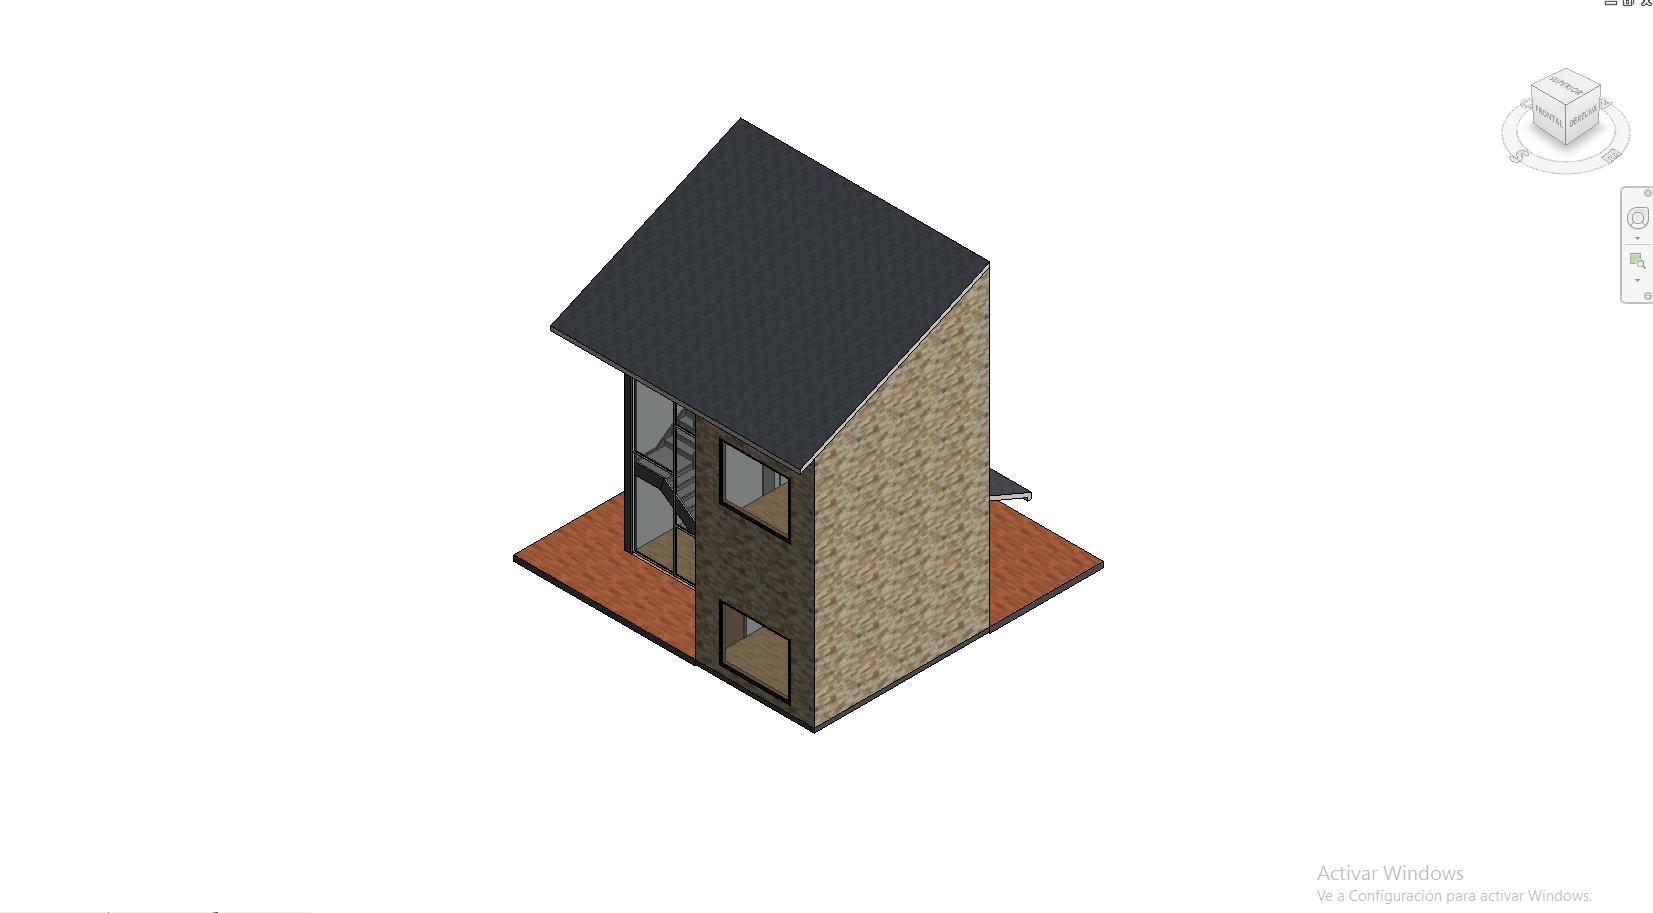 Modelos 3d Descarga Gratis De Planos Archivos Y Bloques Sobre  # Muebles Revit Gratis